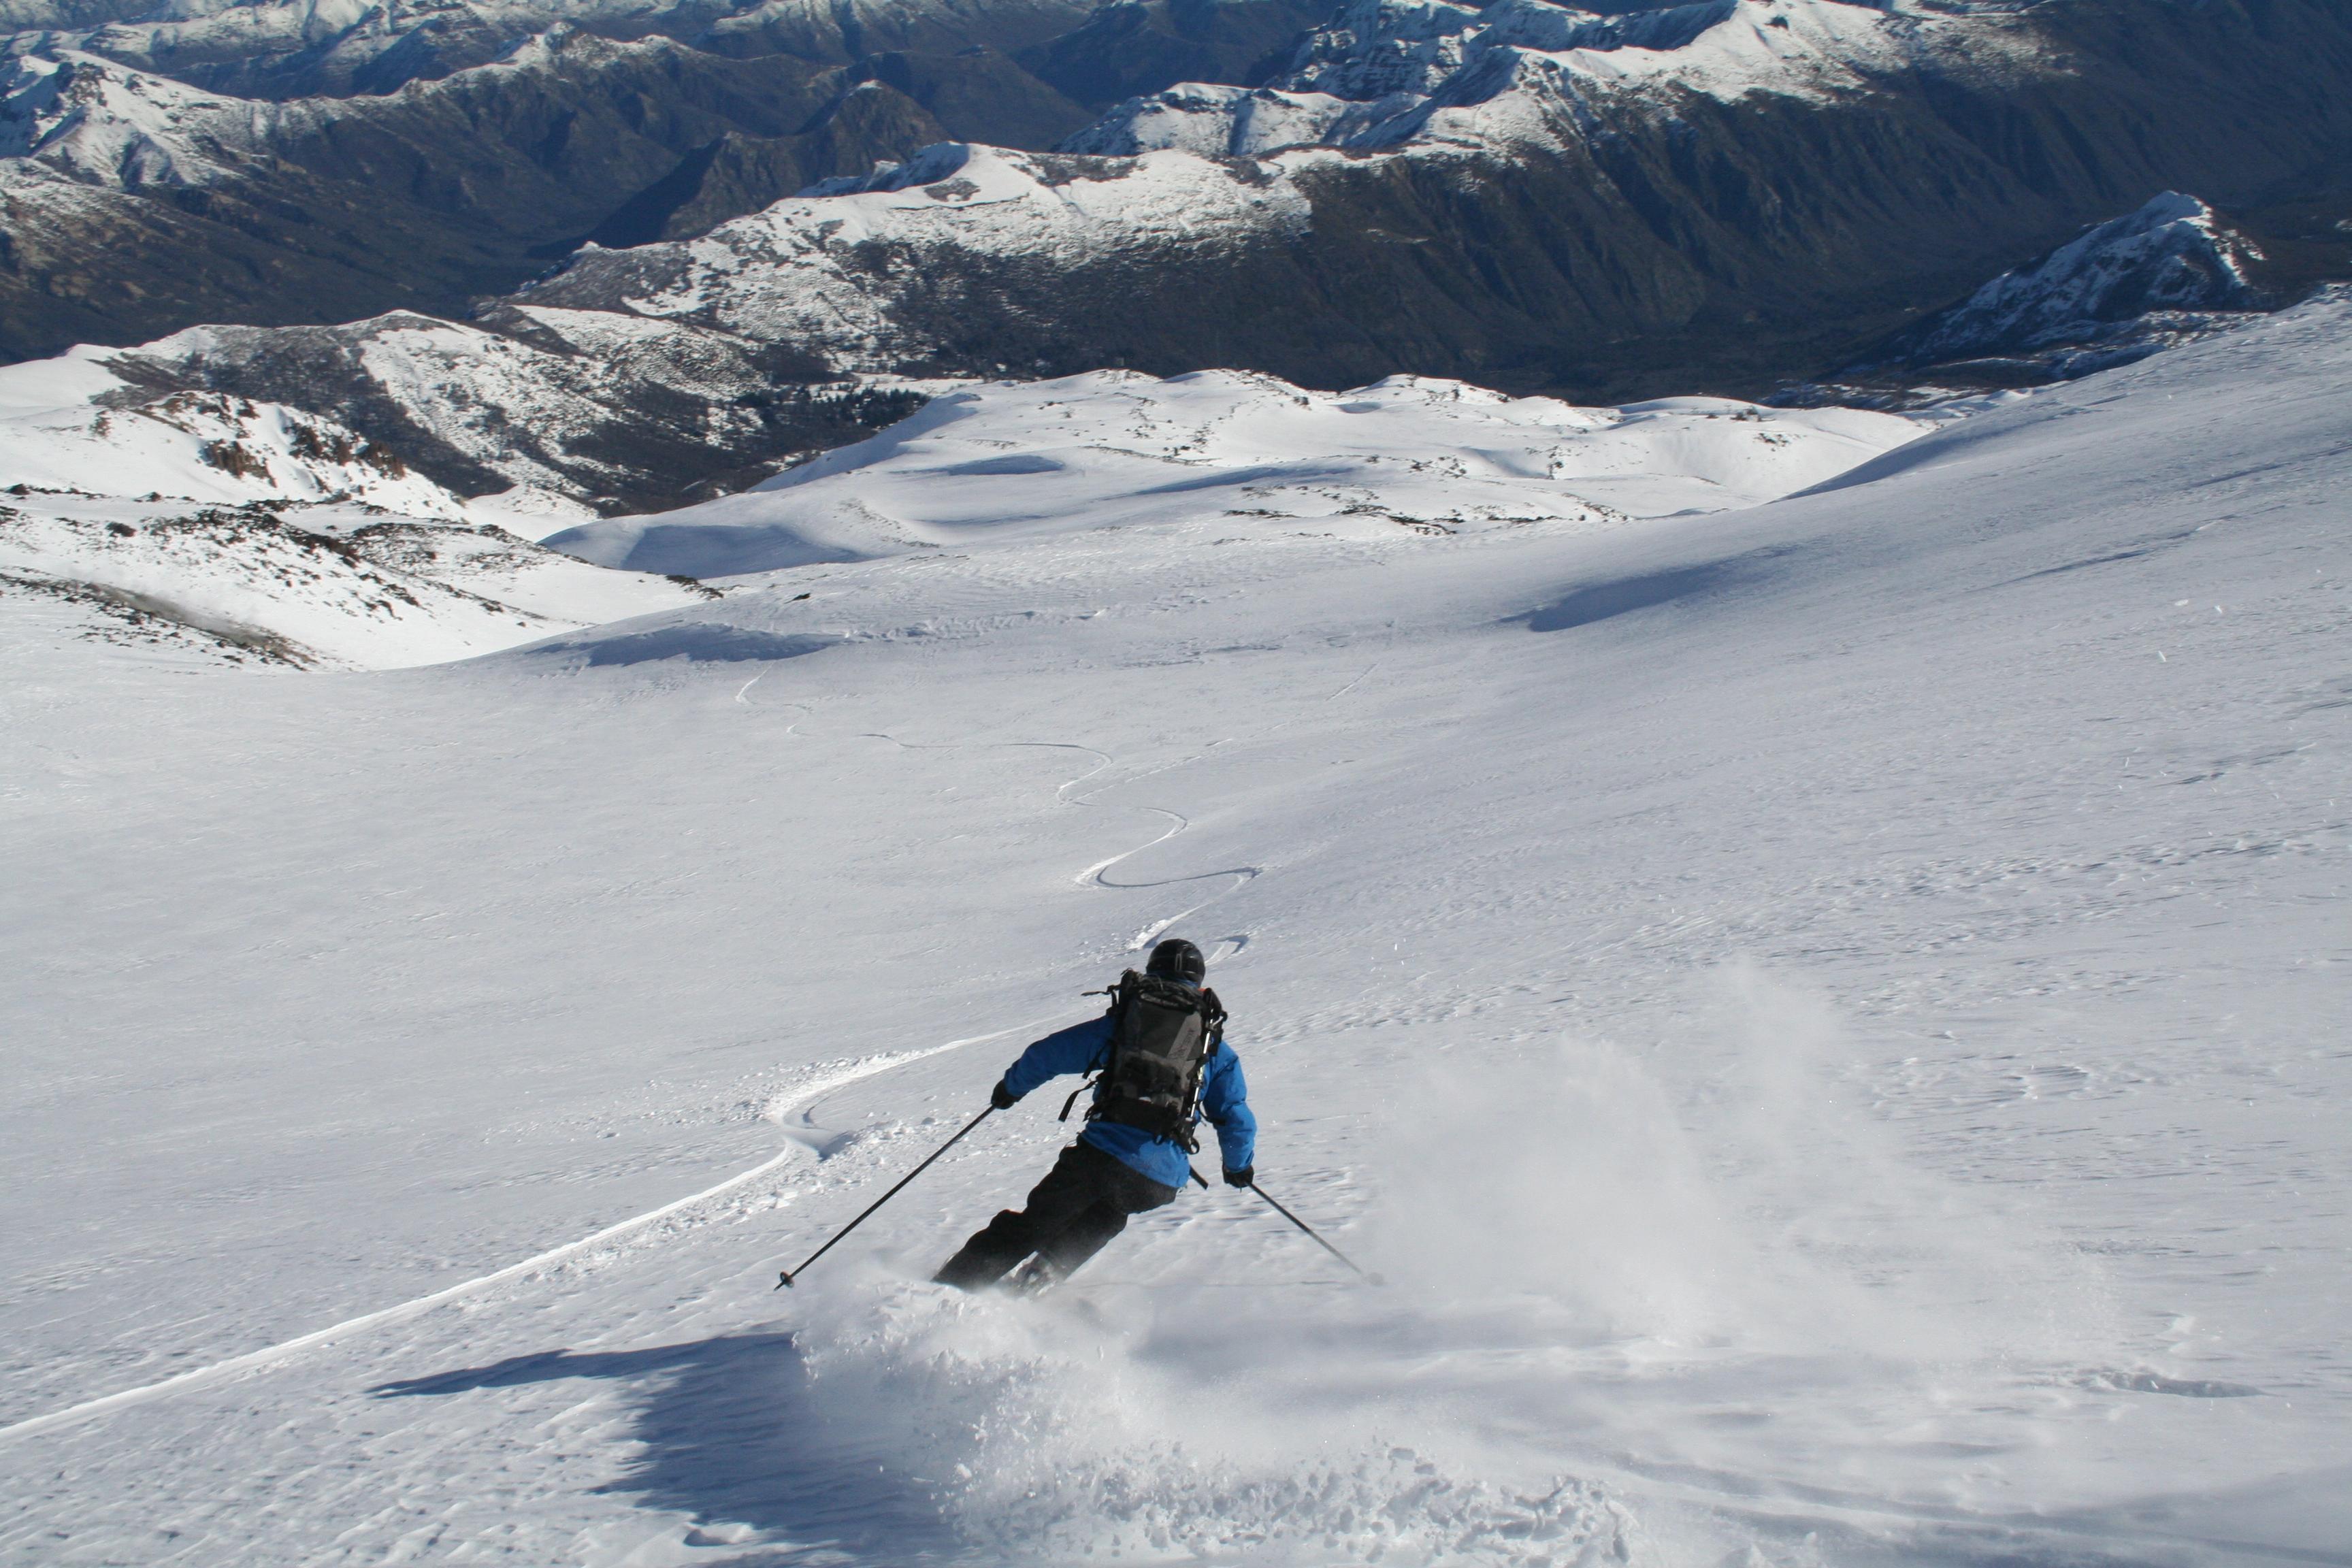 Nevados de Chillan 2008